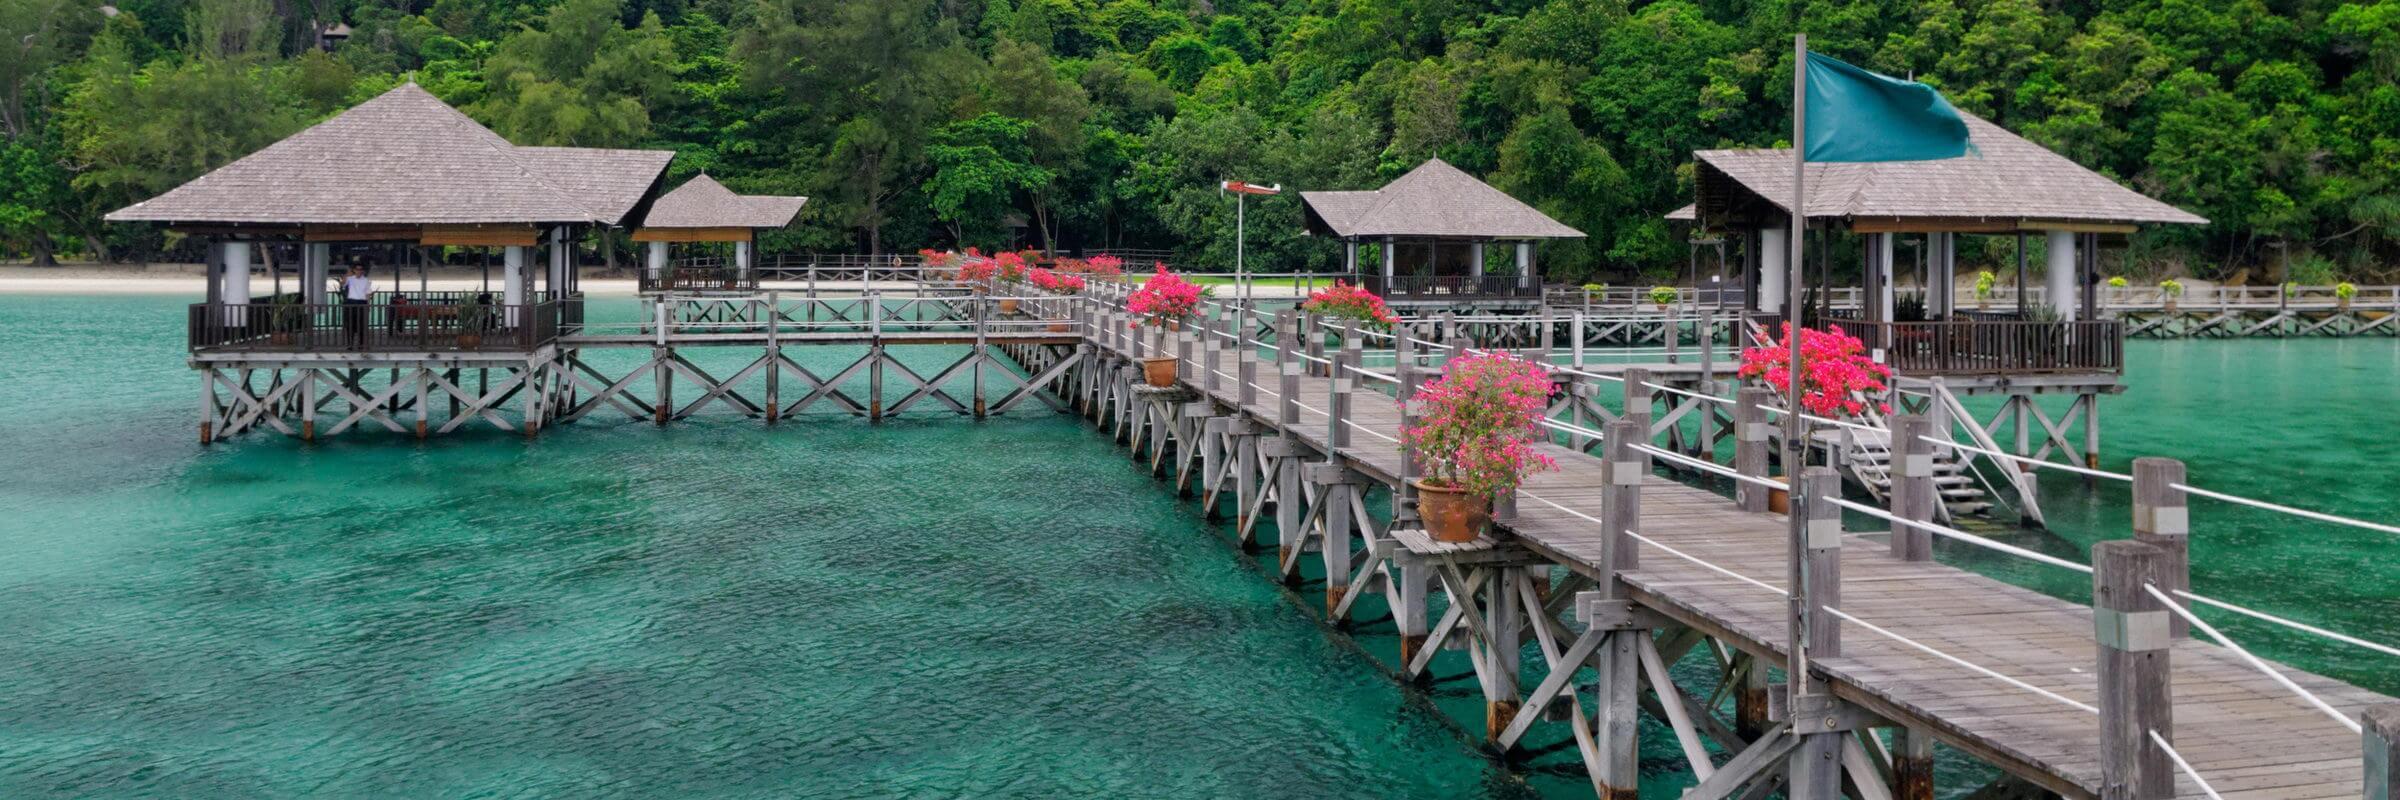 Von den auf Stelzen gebauten Pavillions hat man einen atemberaubenden Blick auf die ruhige Bucht in der das Bunga Raya Island Resort & Spa gelegen ist.